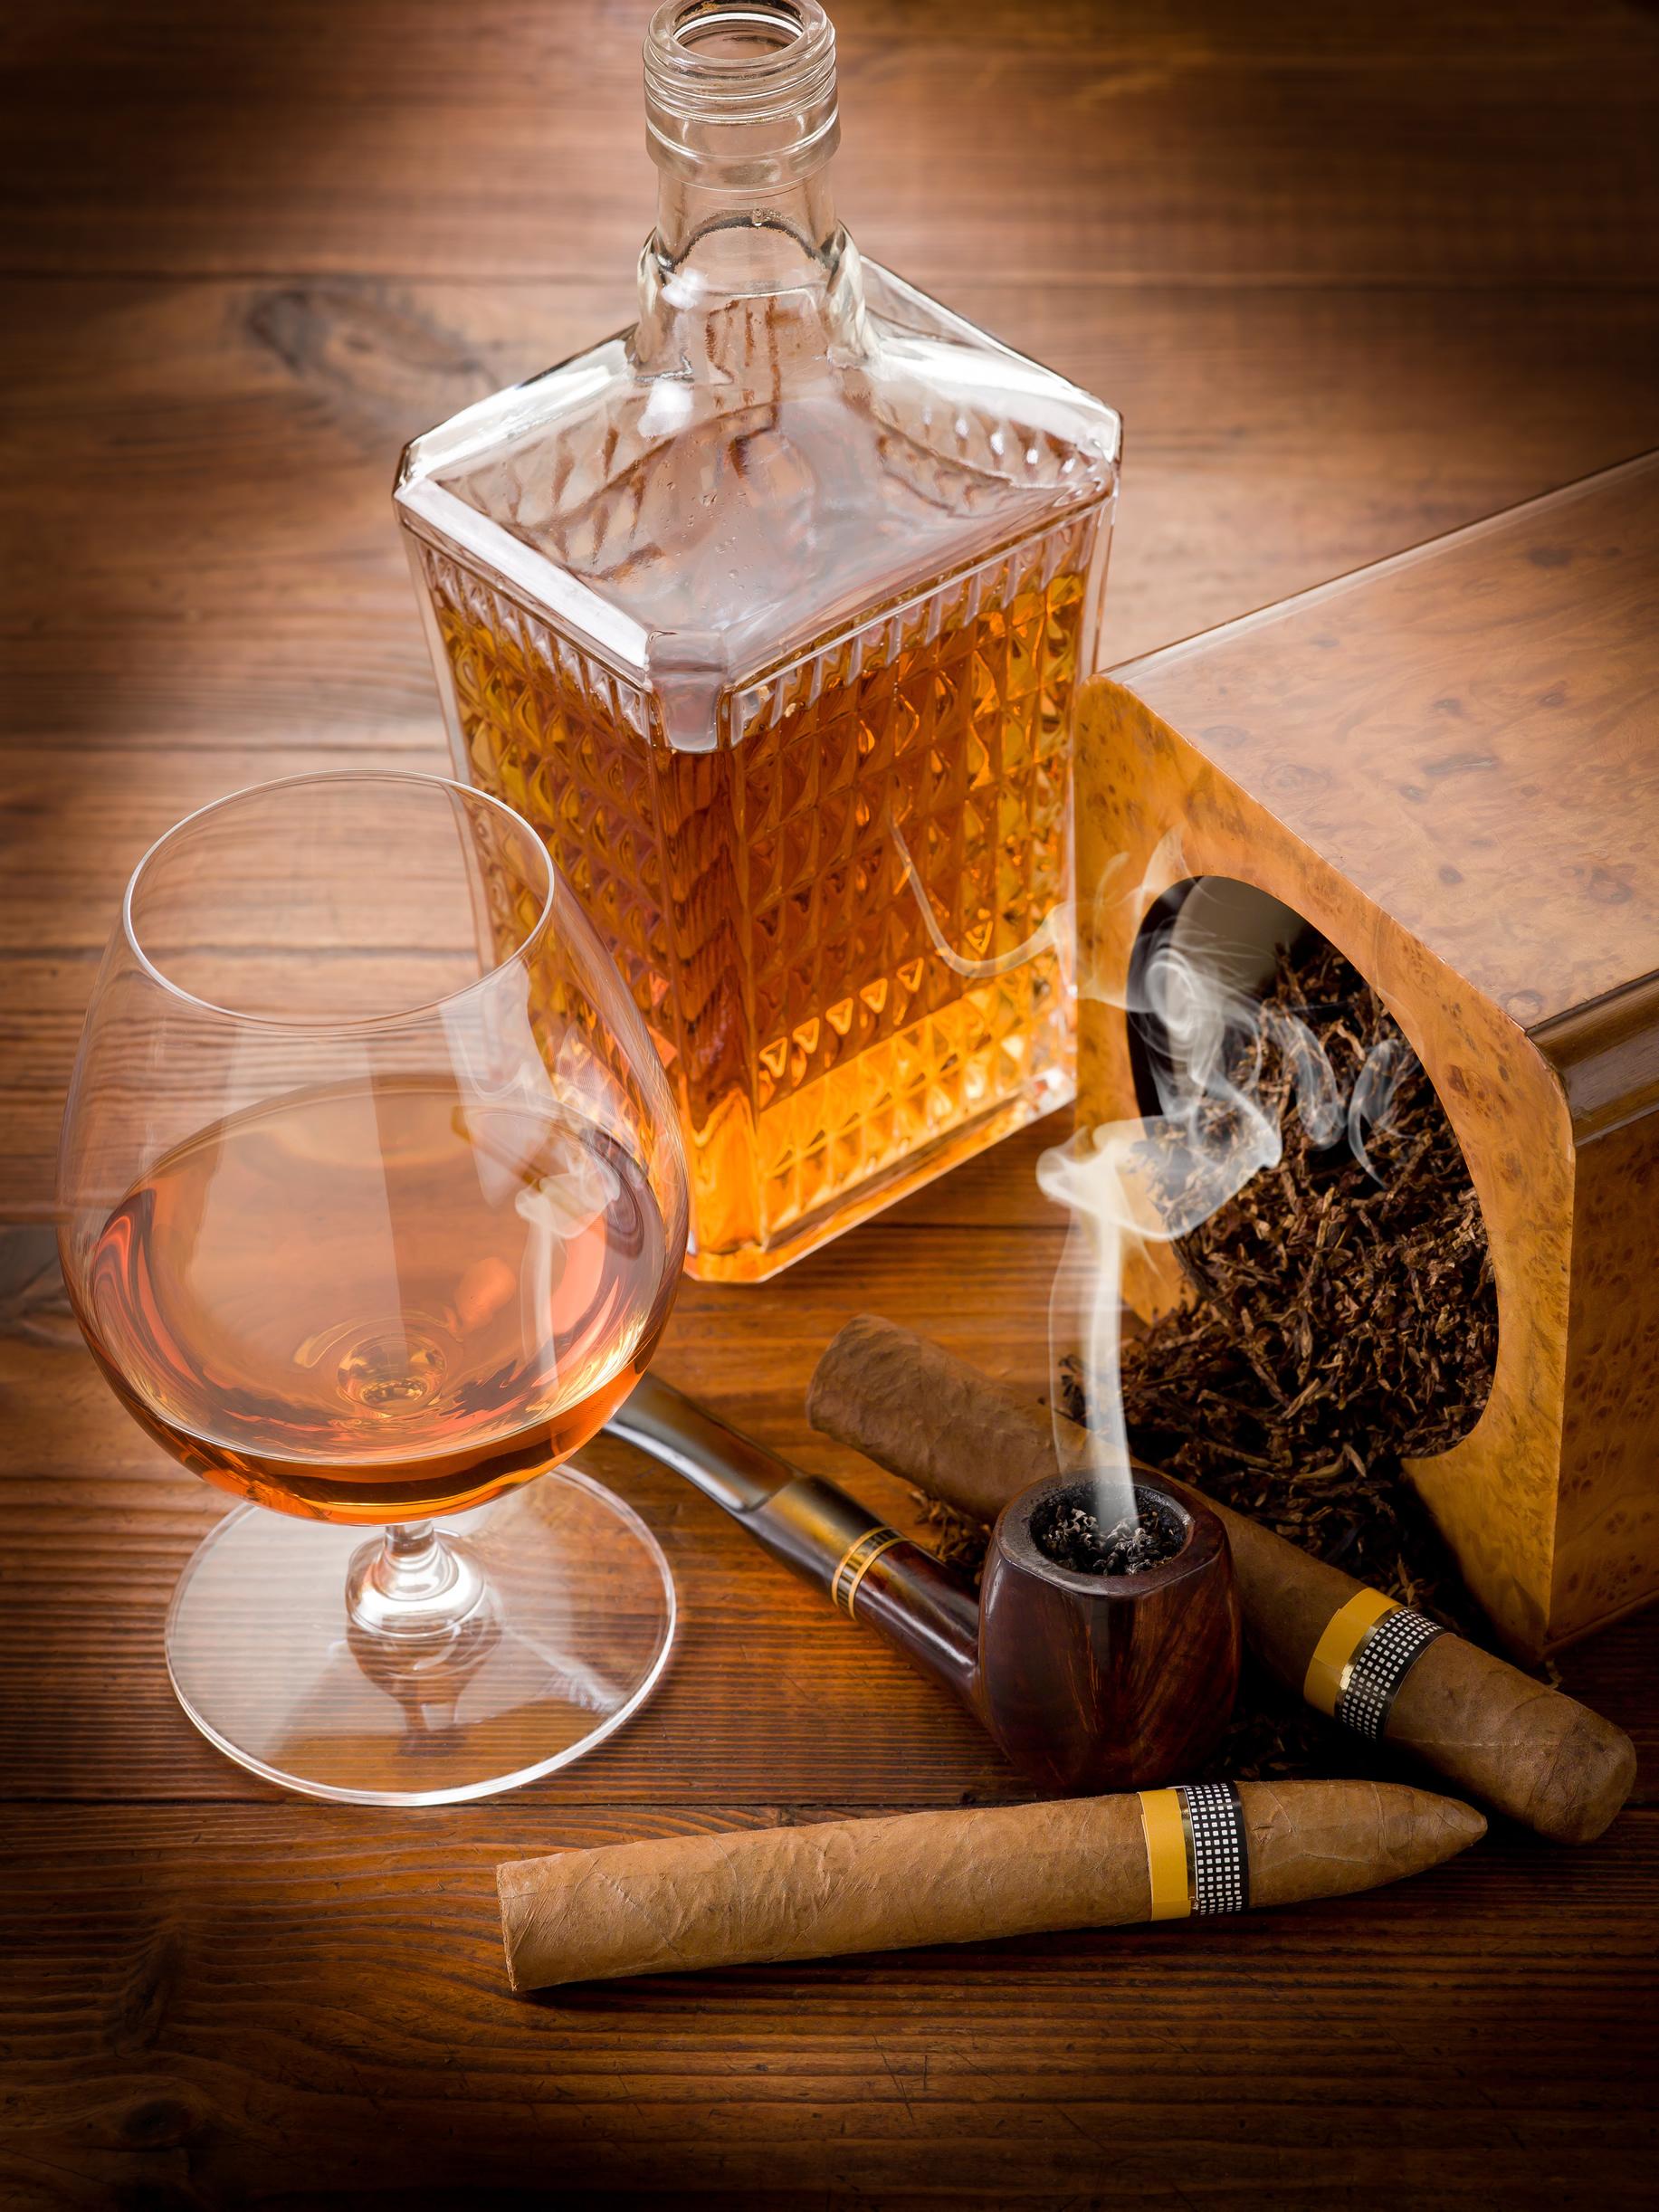 коньяк и сигары, фото обои для рабочего стола, клипарт, скачать бесплатно